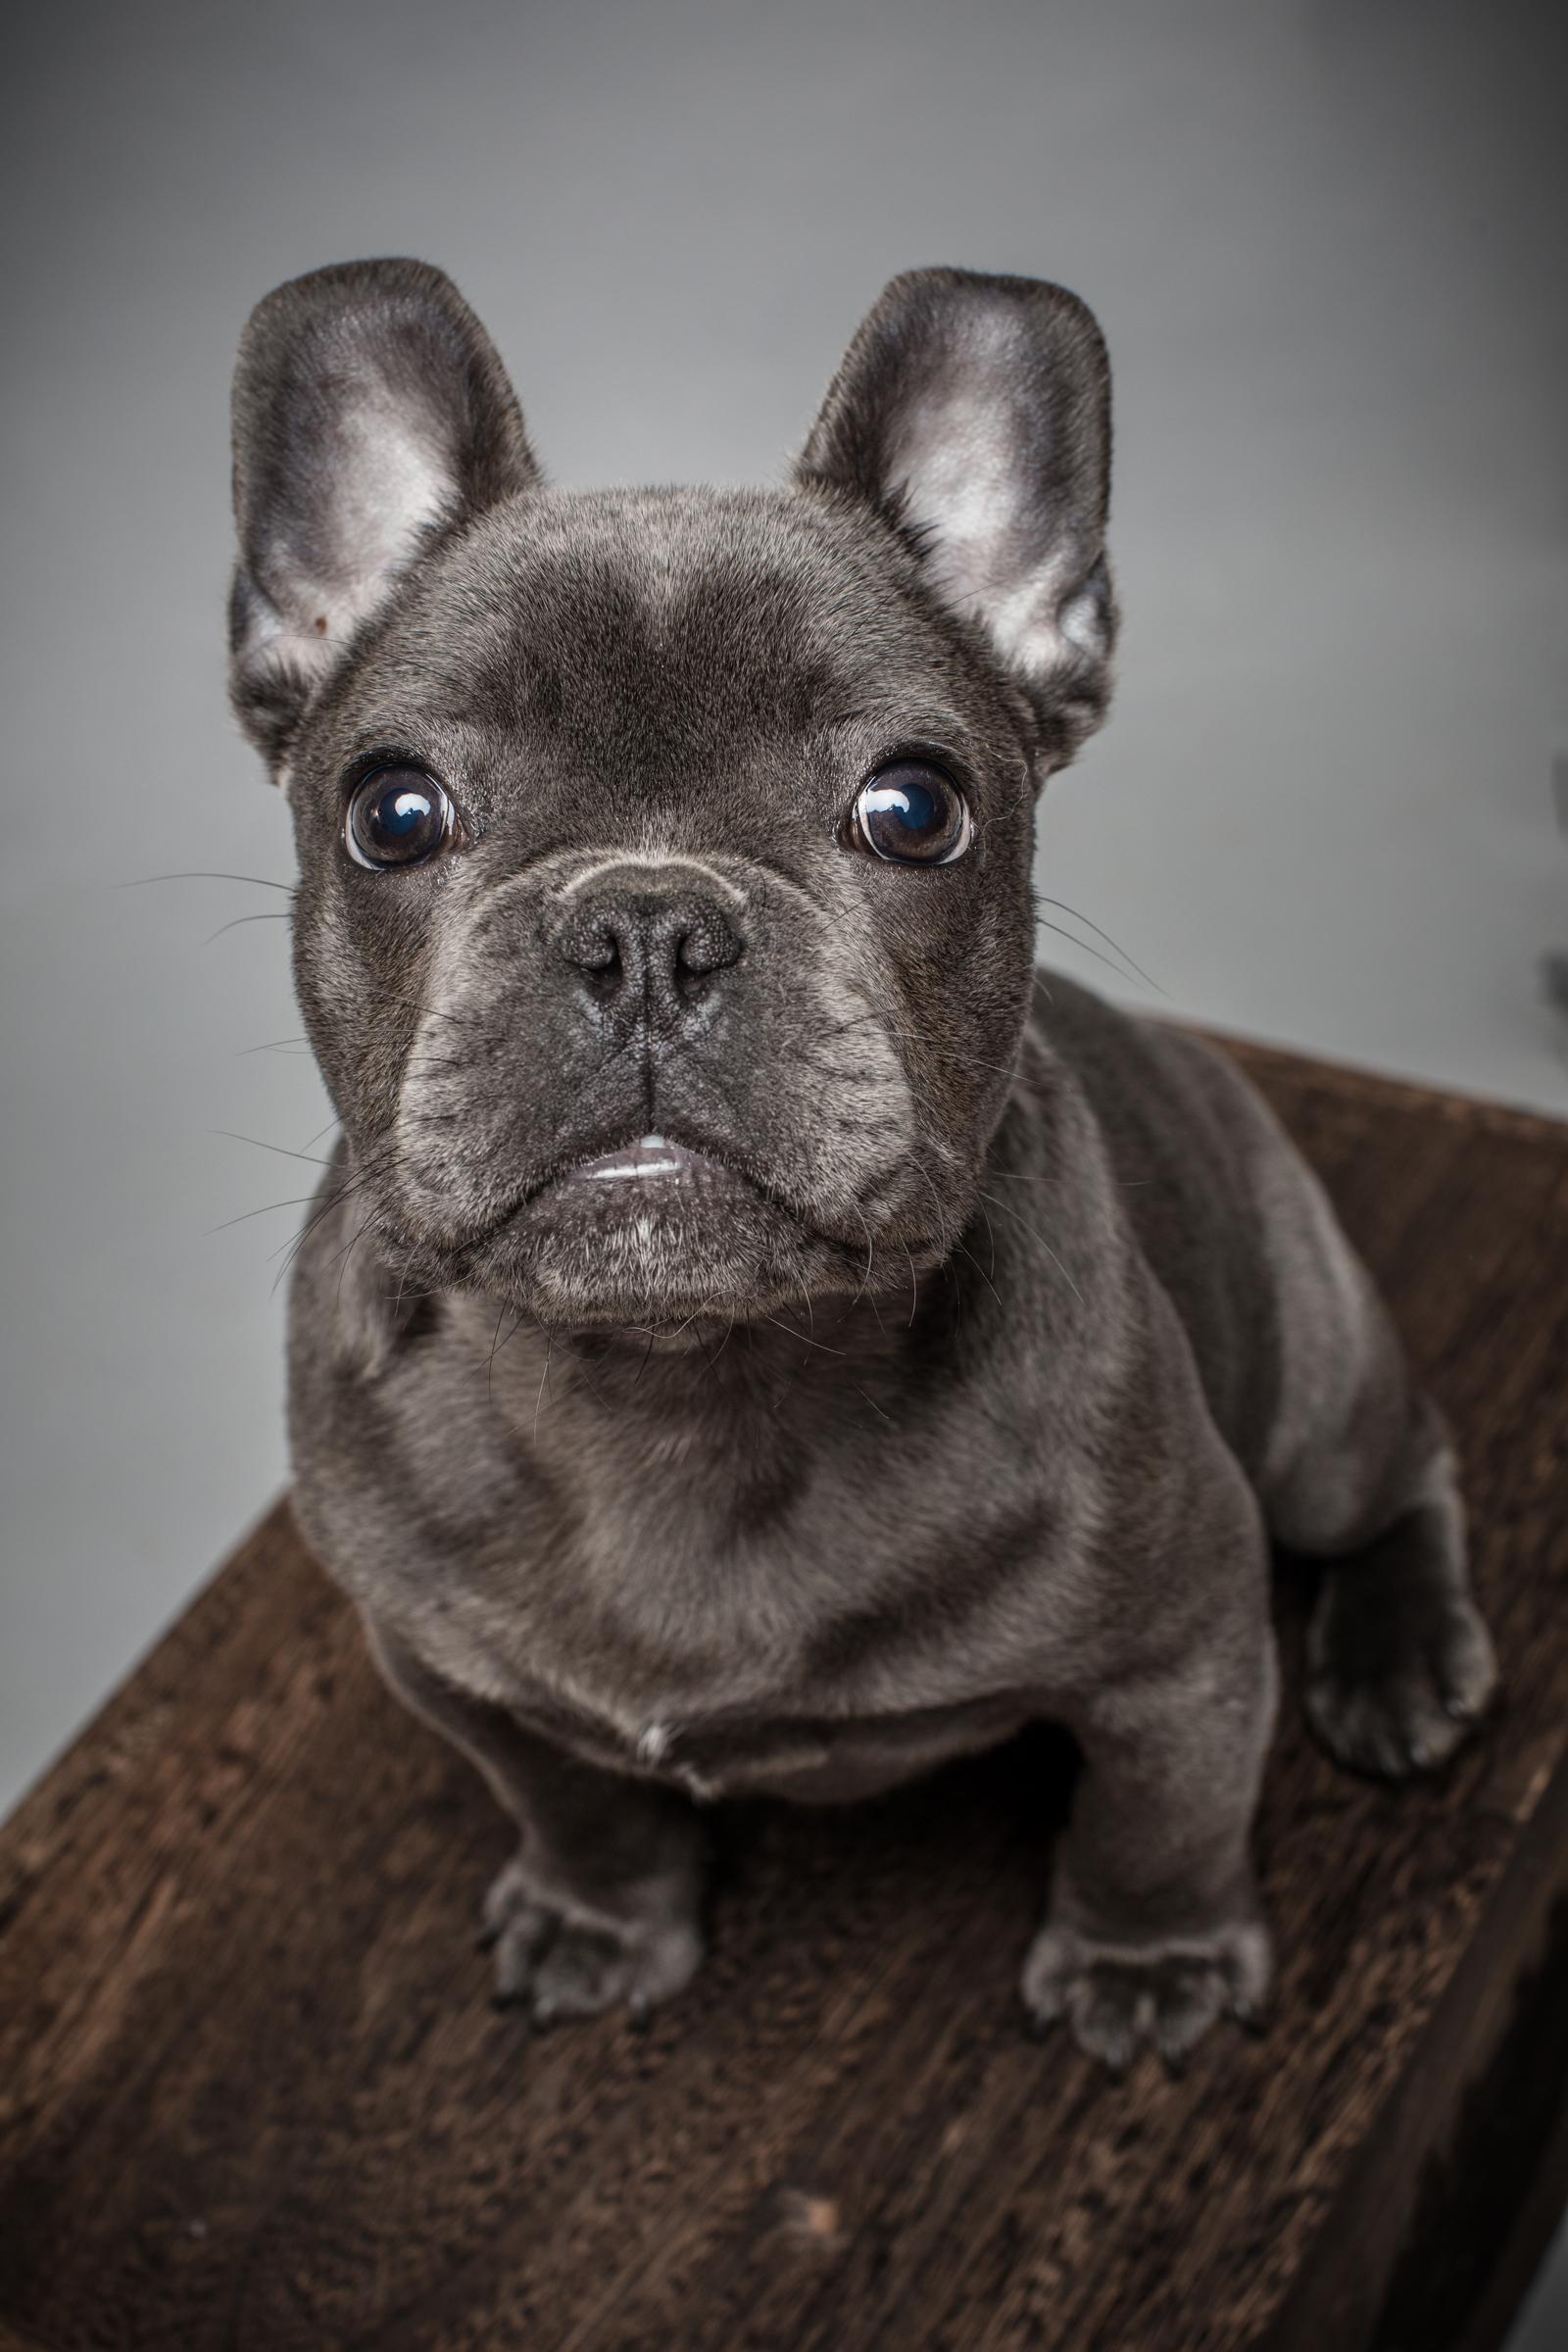 spay_neuter_pet_brunswick_MD_french_bulldog_veterinarian_village_vet_urbana_veterinarian.jpg